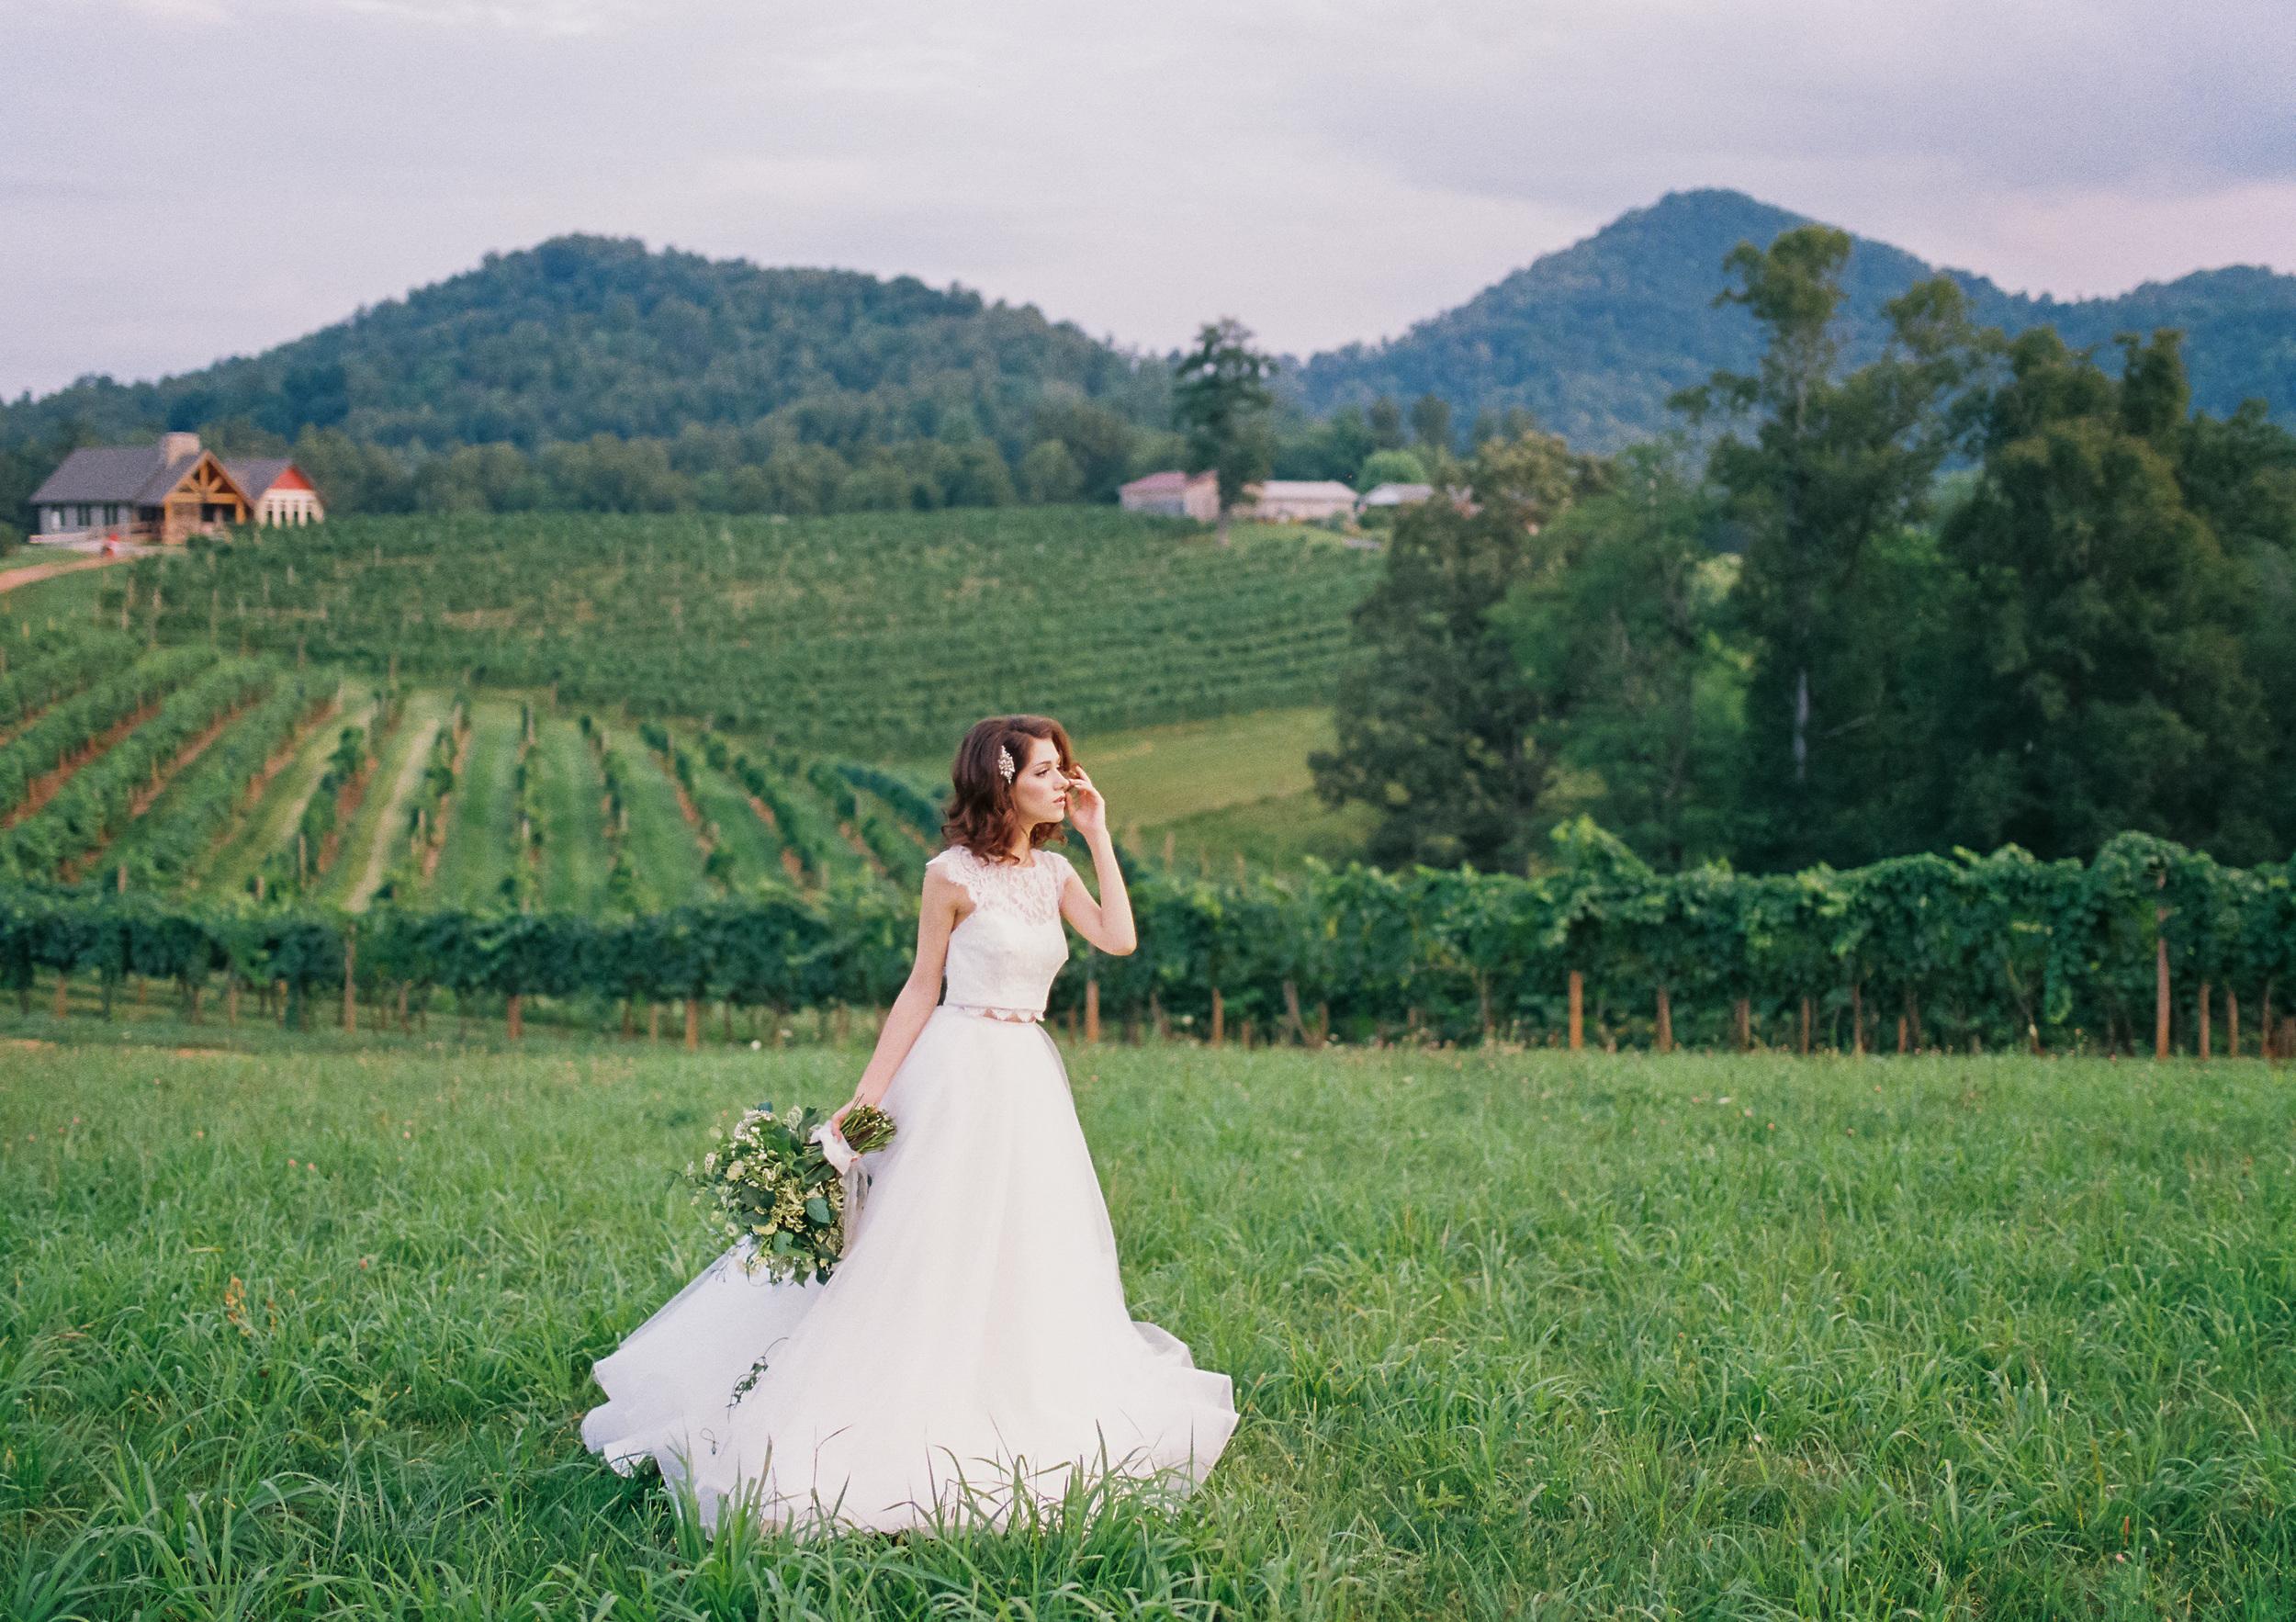 Photo courtesy of Wedding Nature Photography